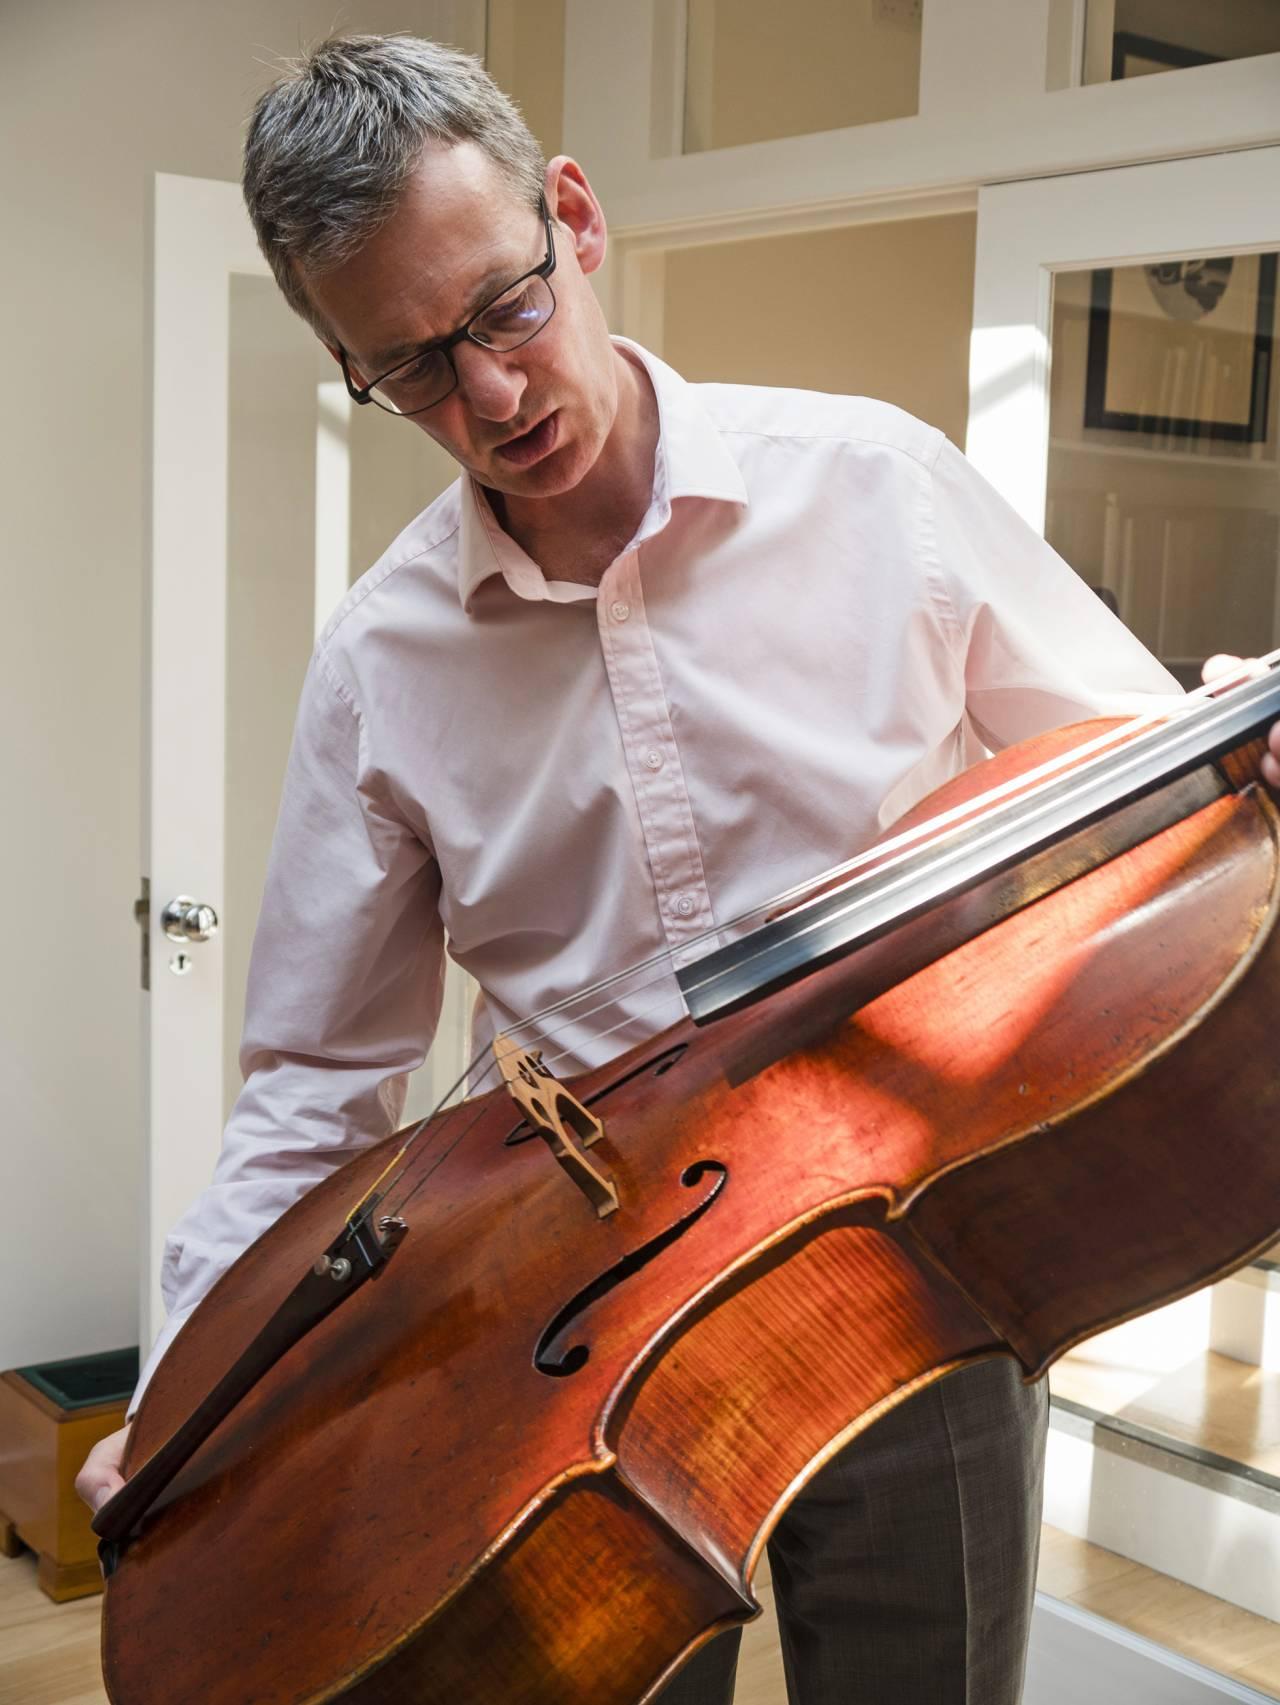 auktionsförrättaren Tim Ingles med ett instrument